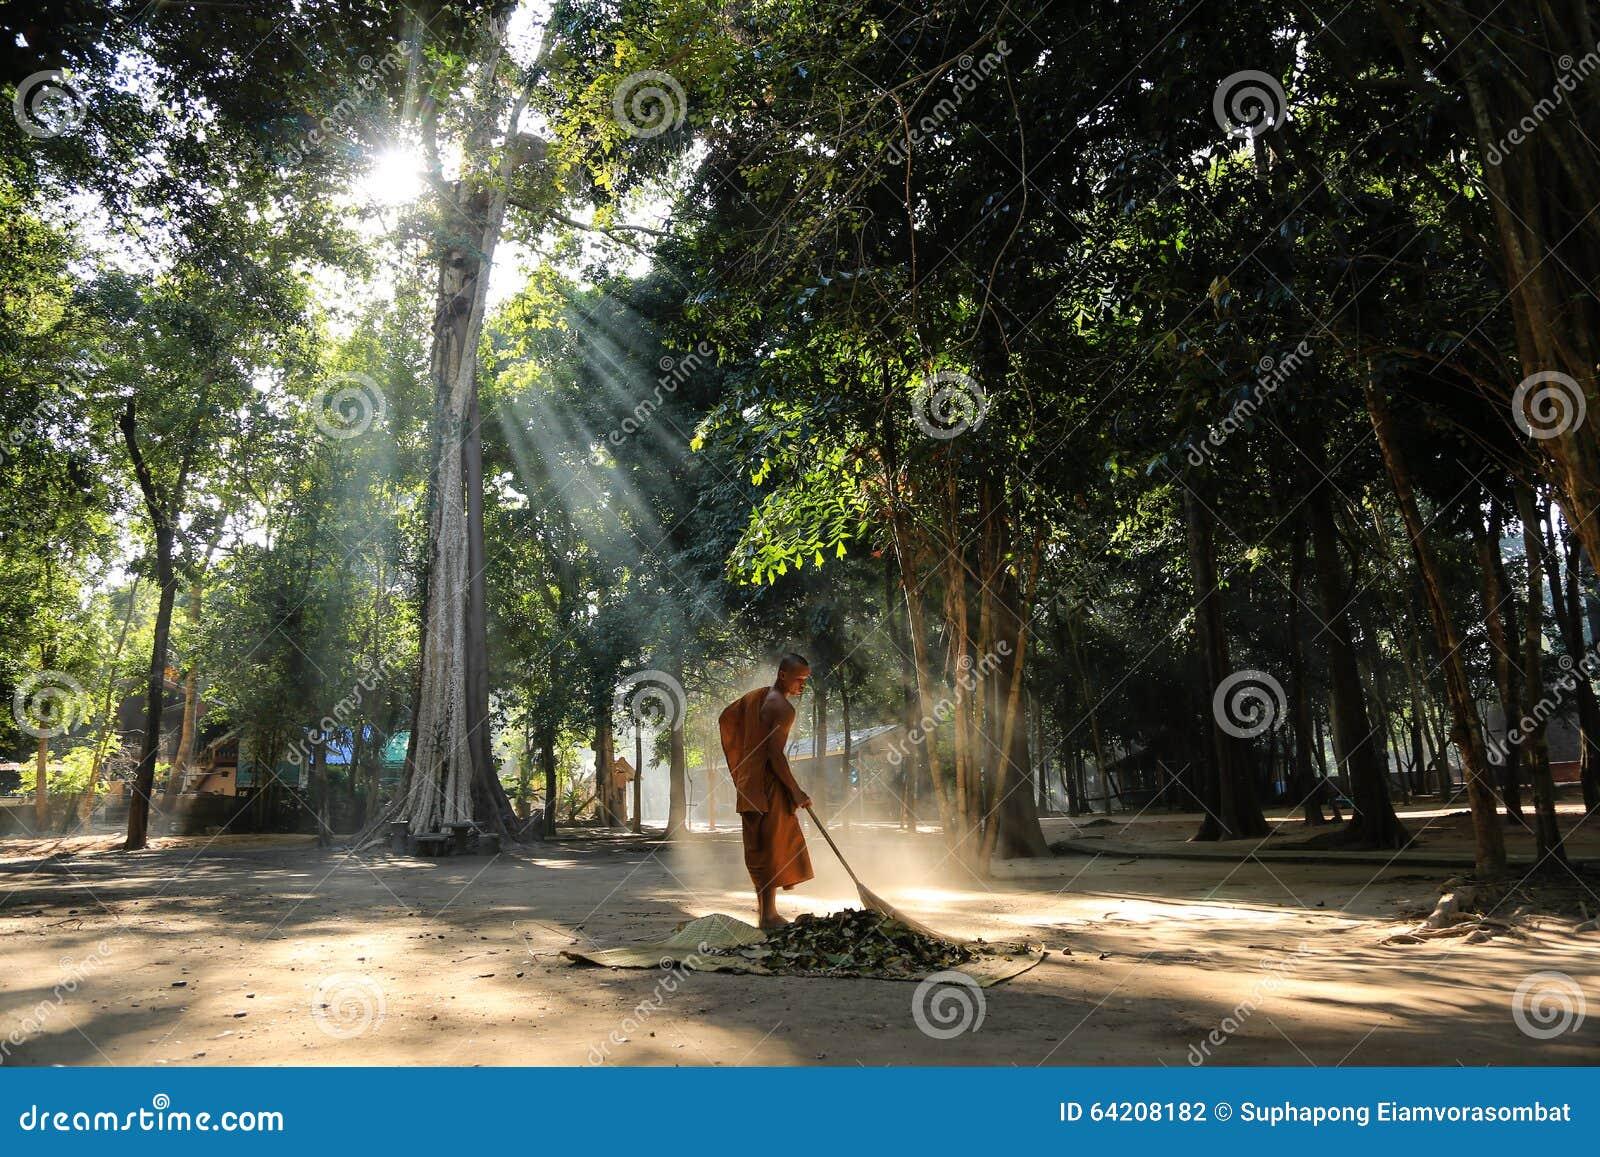 Barrido del monje la yarda del templo del bosque